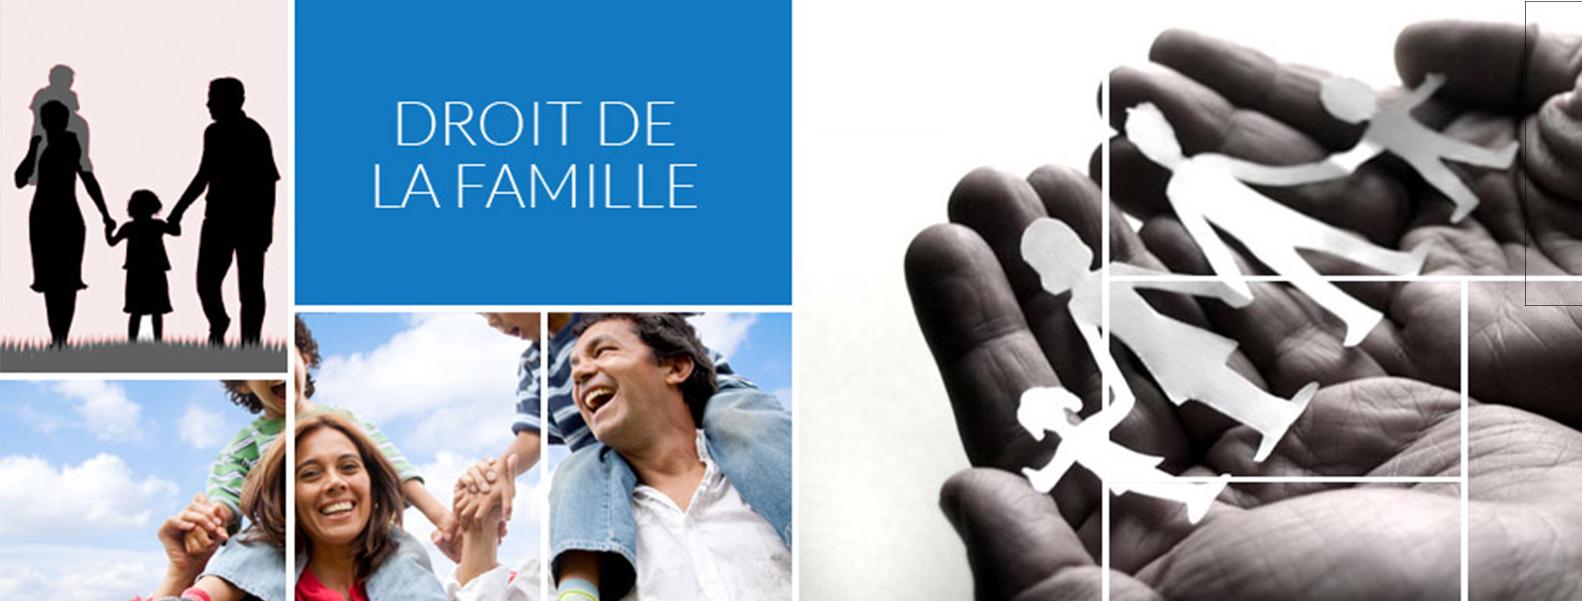 Slider droit de la famille du site de Maïtre Carsalade, avocat à Saint Barthe et pratiquant le droit civil, le droit pénal, le droit de la famille, le droit des affaires et le droit du travail.